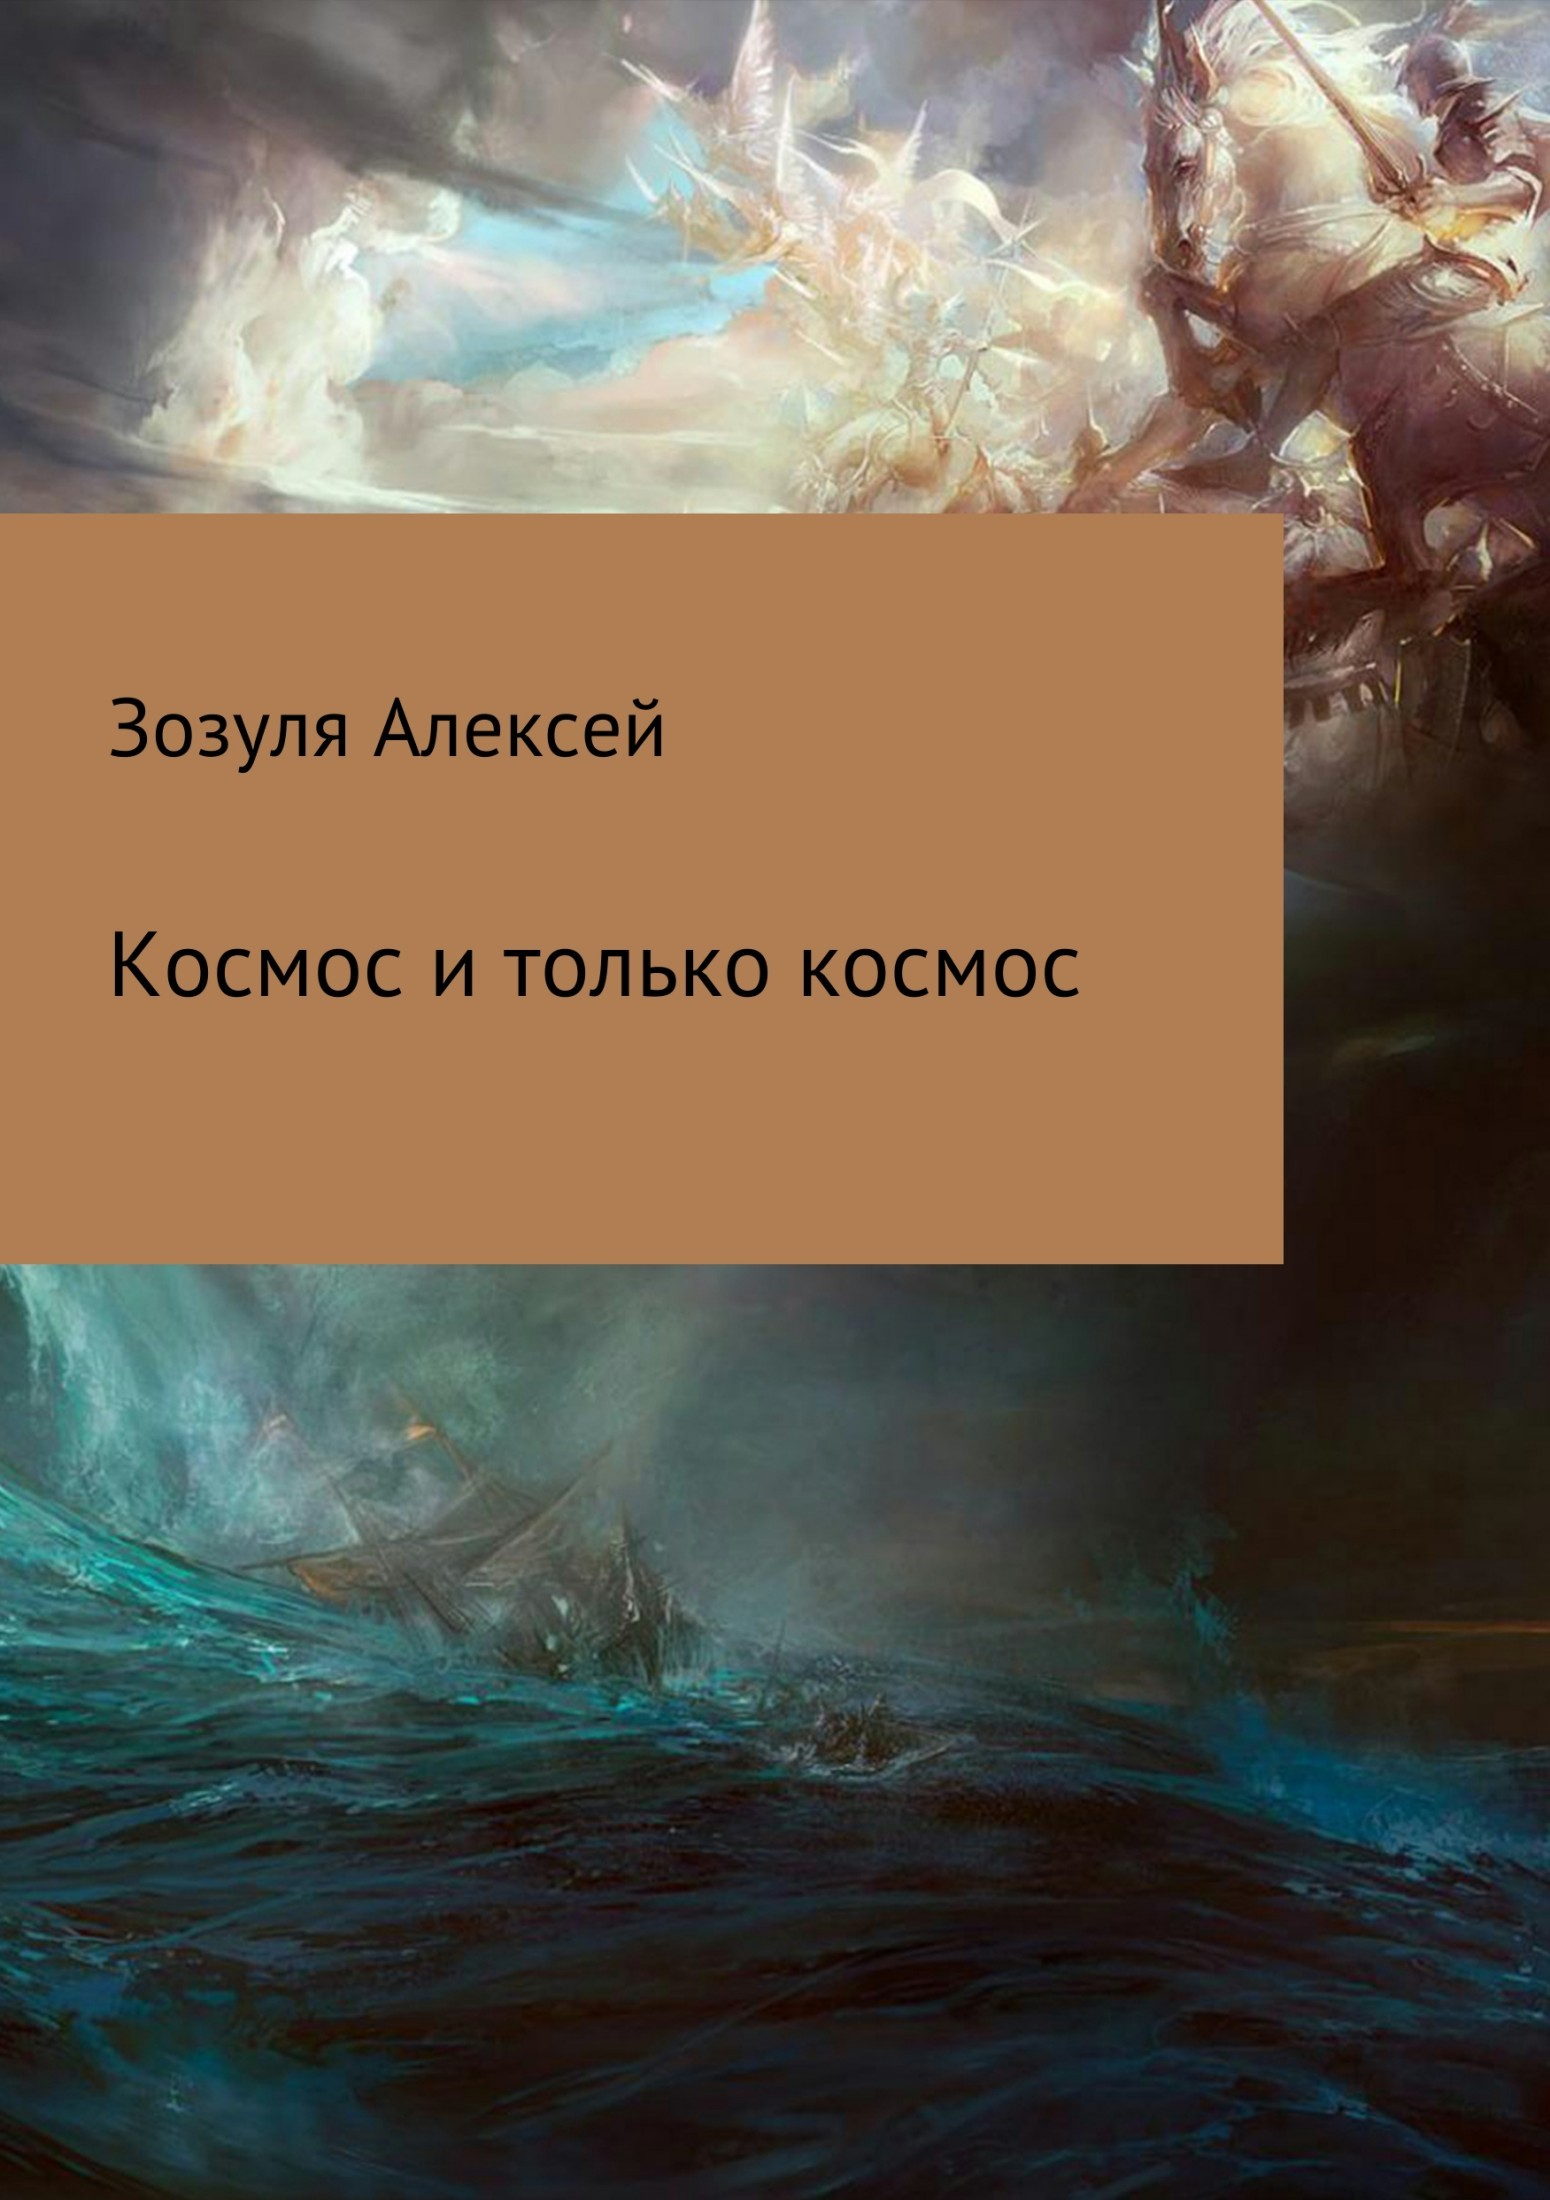 Алексей Юрьевич Зозуля Космос и только космос куда продать лайки на turboliker